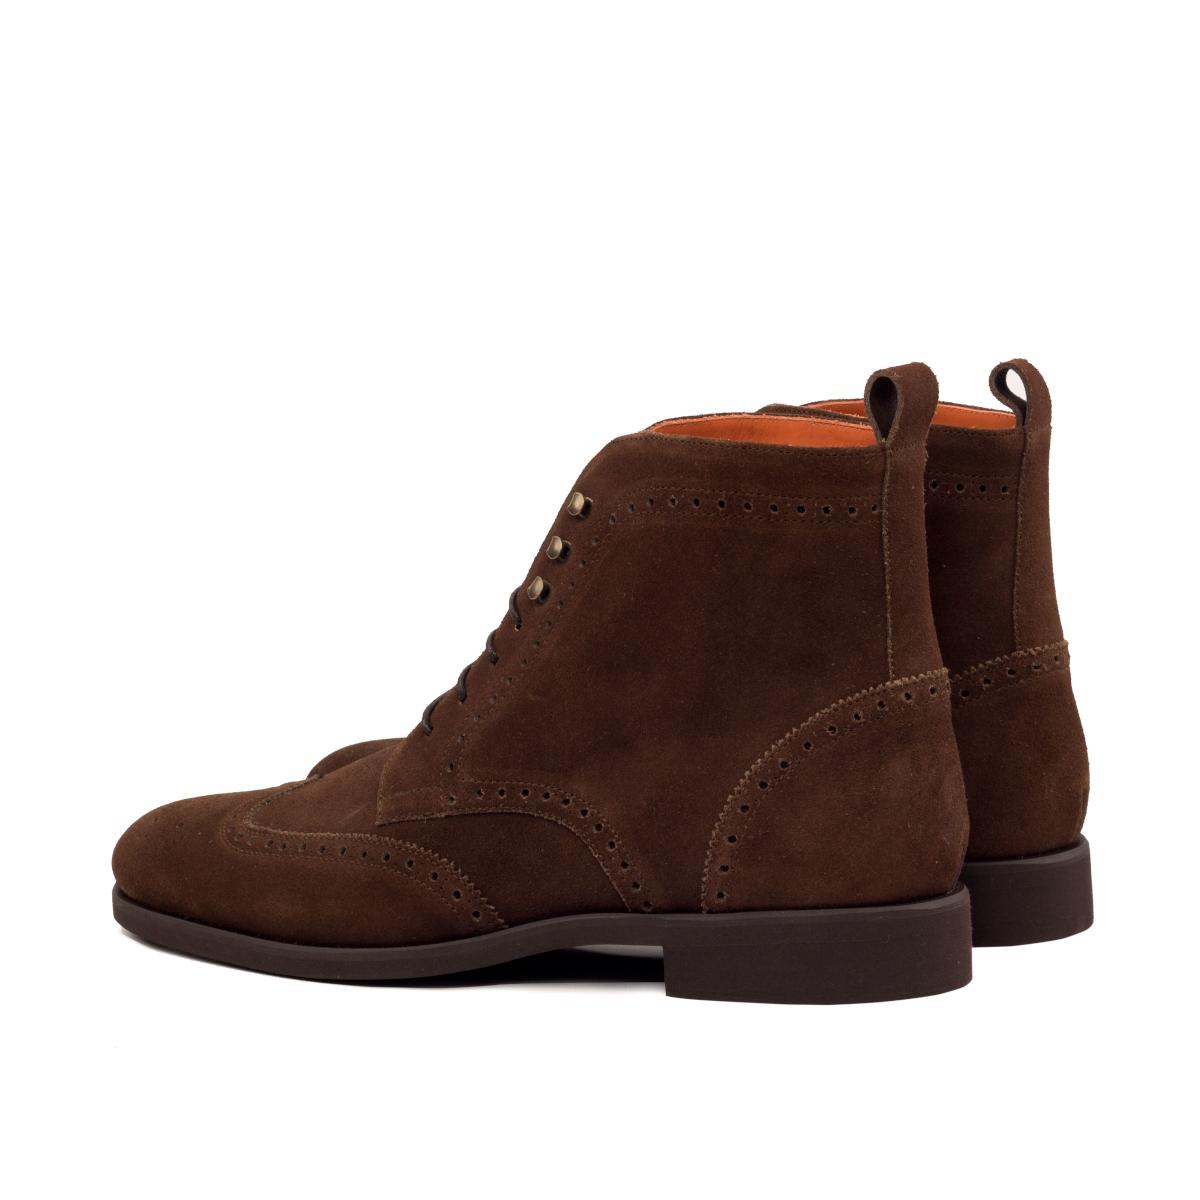 Dark brown suede wingtip boots